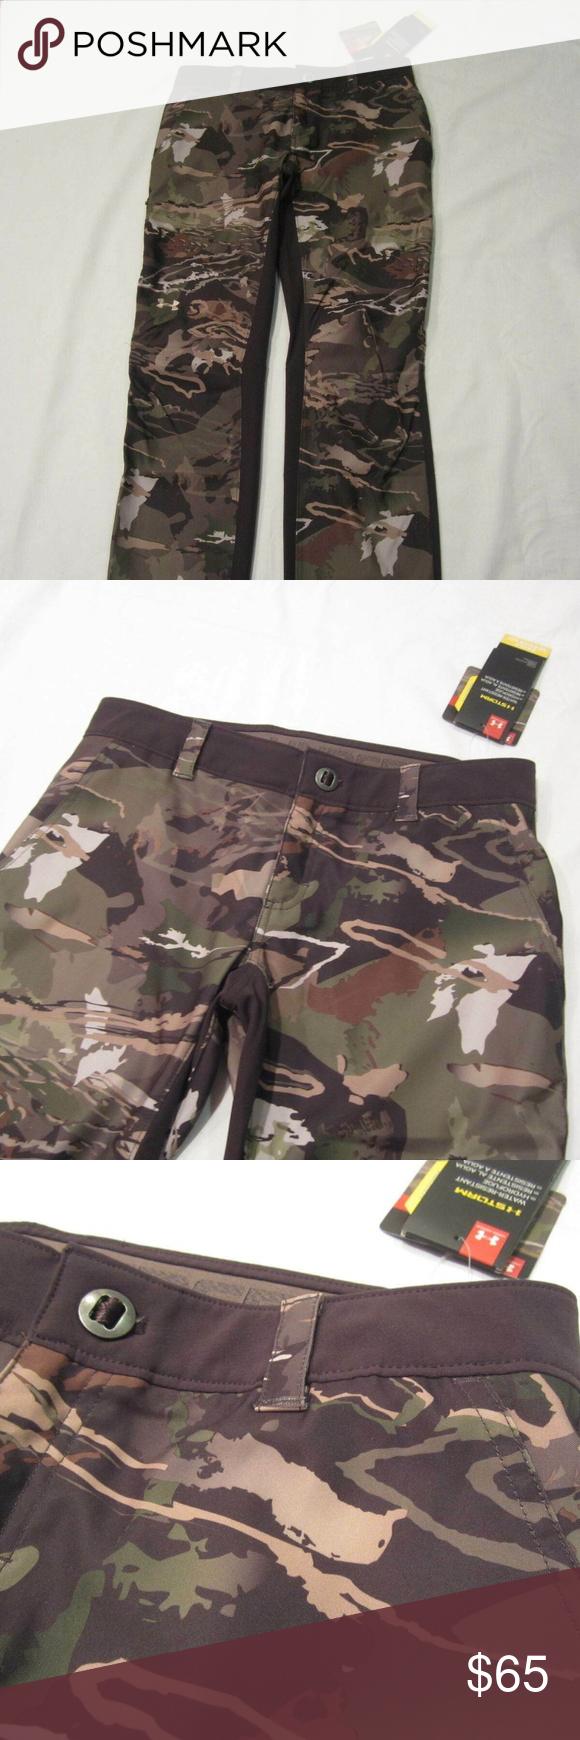 f3e011da93fbf Womens Size 8 Under Armour Camo Hunting Pants Womens Size 8 Under Armour  Early Season Forest Camo Hunting Pants NEW! NEW WITH TAGS!